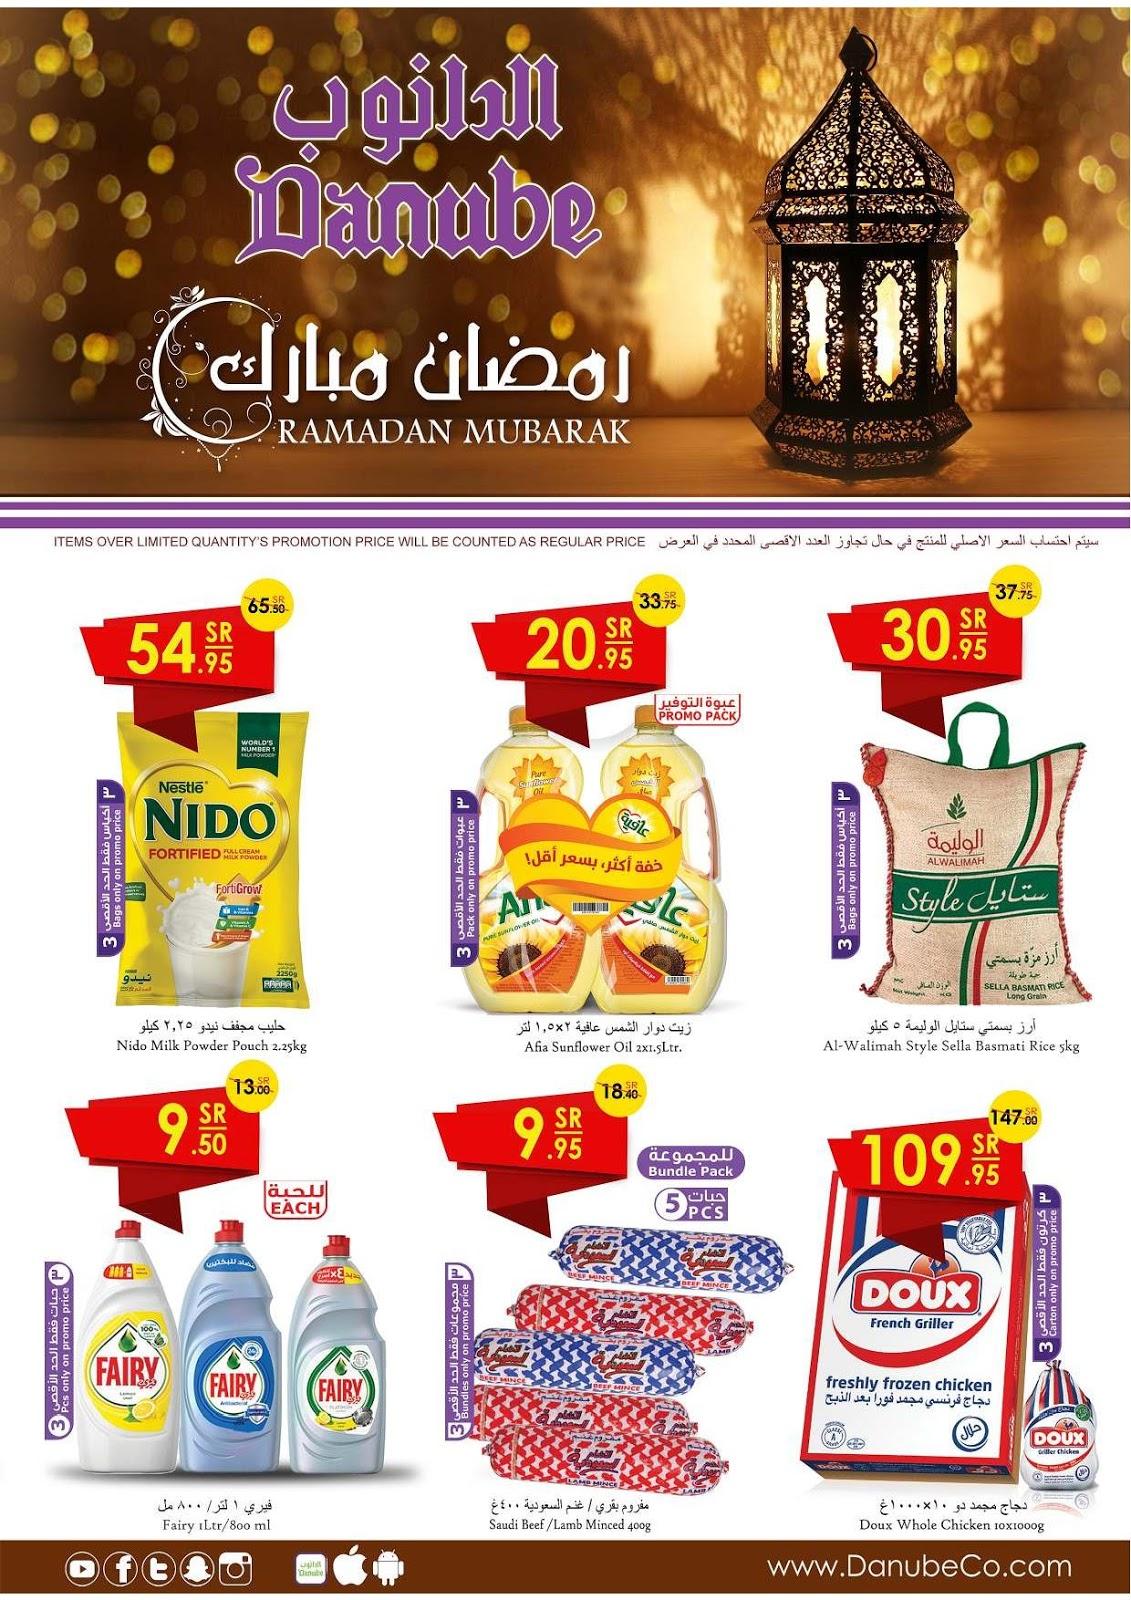 عروض الدانوب الرياض و الخرج الاسبوعية من 25 مارس حتى 31 مارس 2020 رمضان مبارك